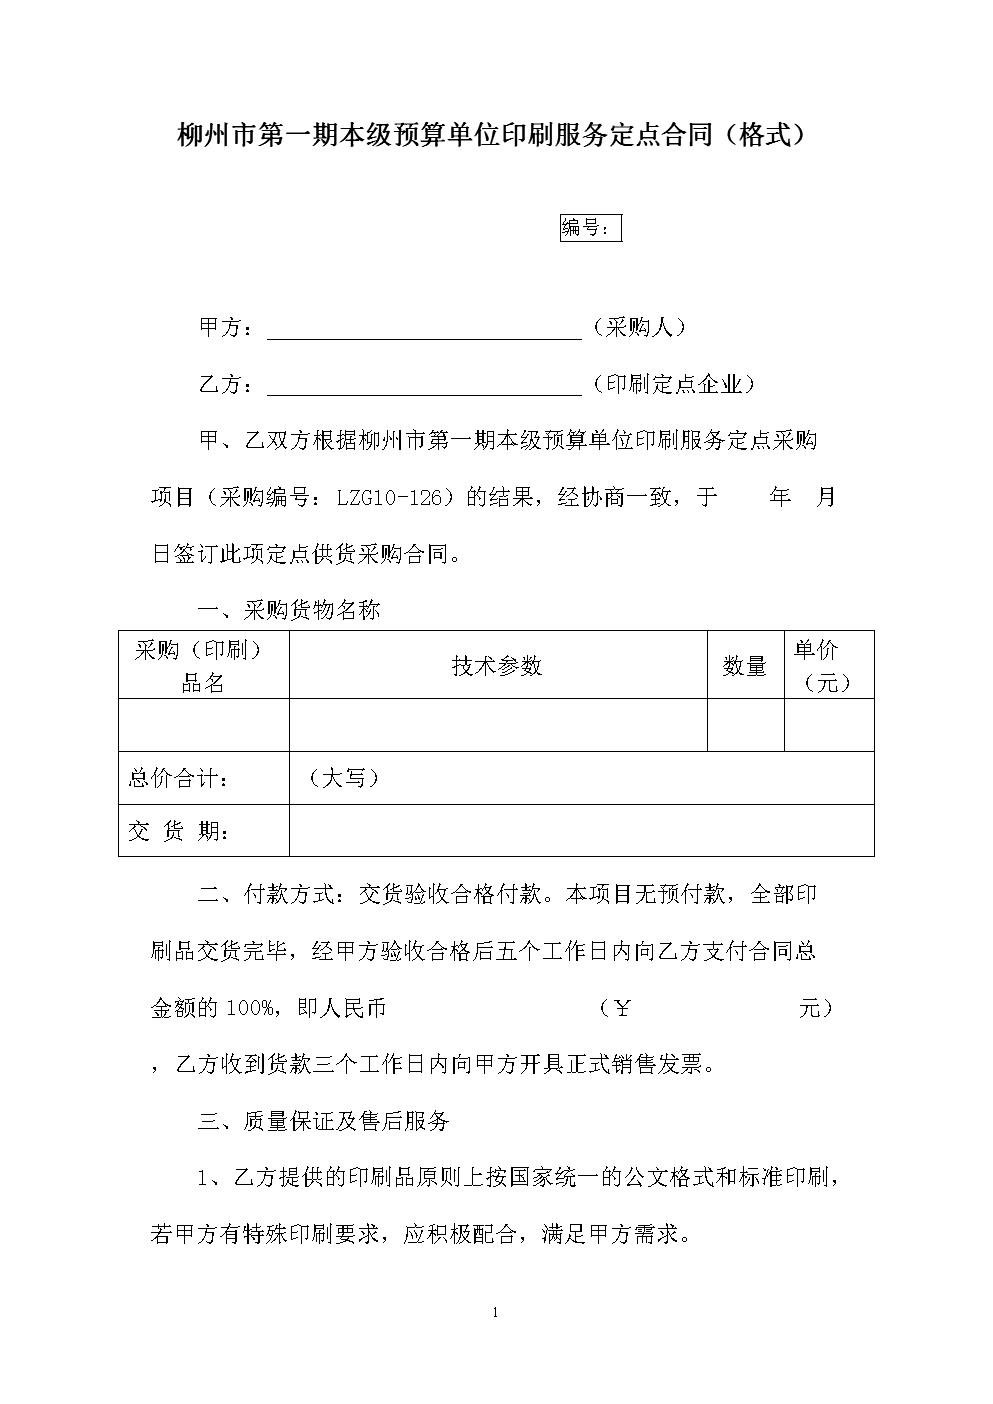 柳州第一期本级预算单位印刷服务定点合同格式.doc